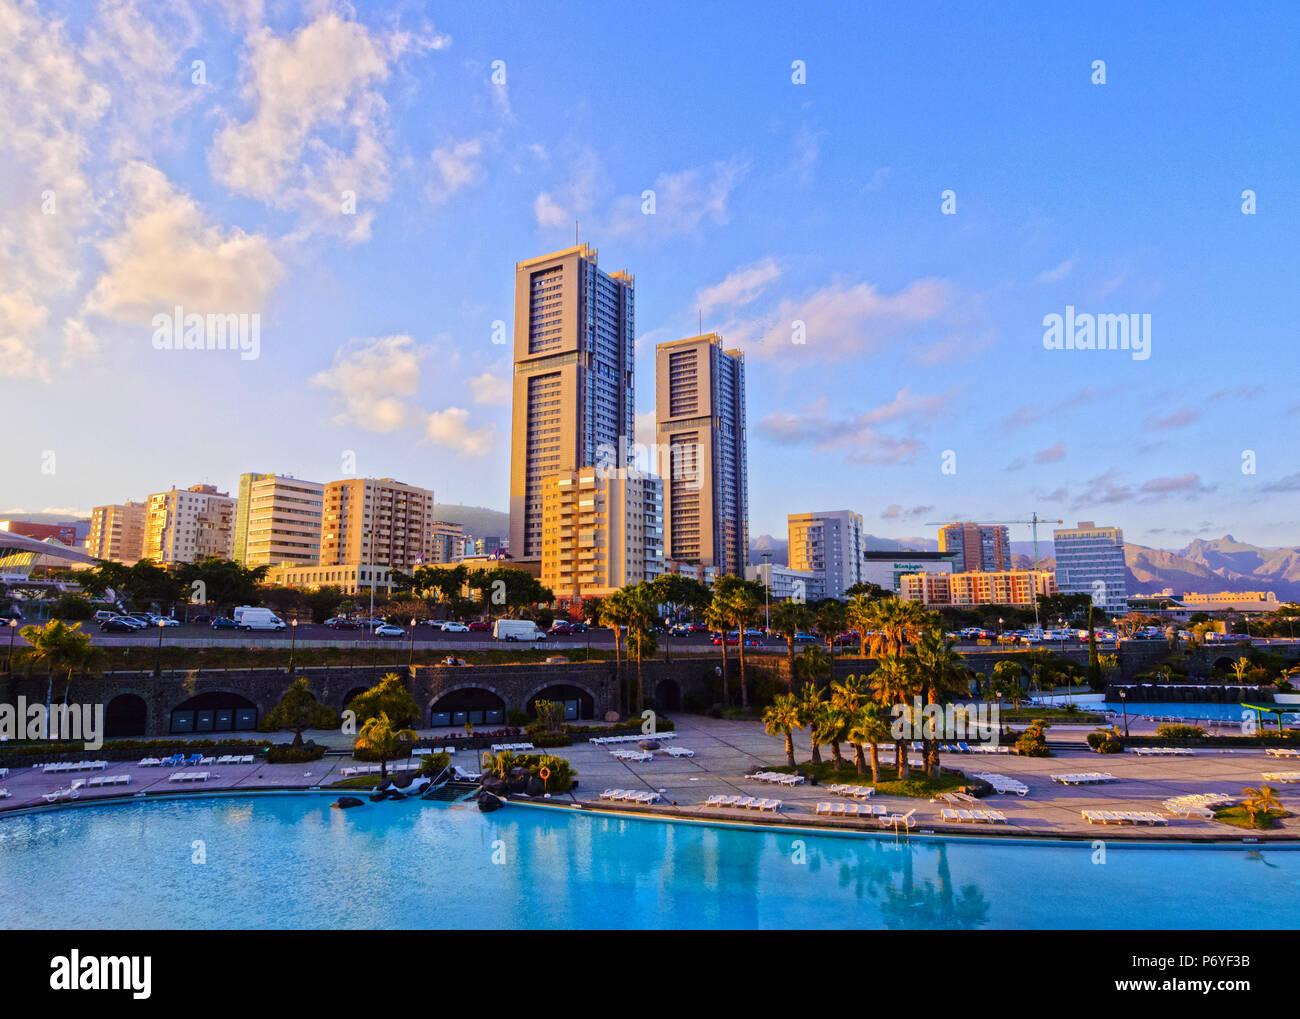 Spain, Canary Islands, Tenerife, Santa Cruz de Tenerife, Skyline of the city with Torres de Santa Cruz and Parque Maritimo Cesar Manrique. Stock Photo